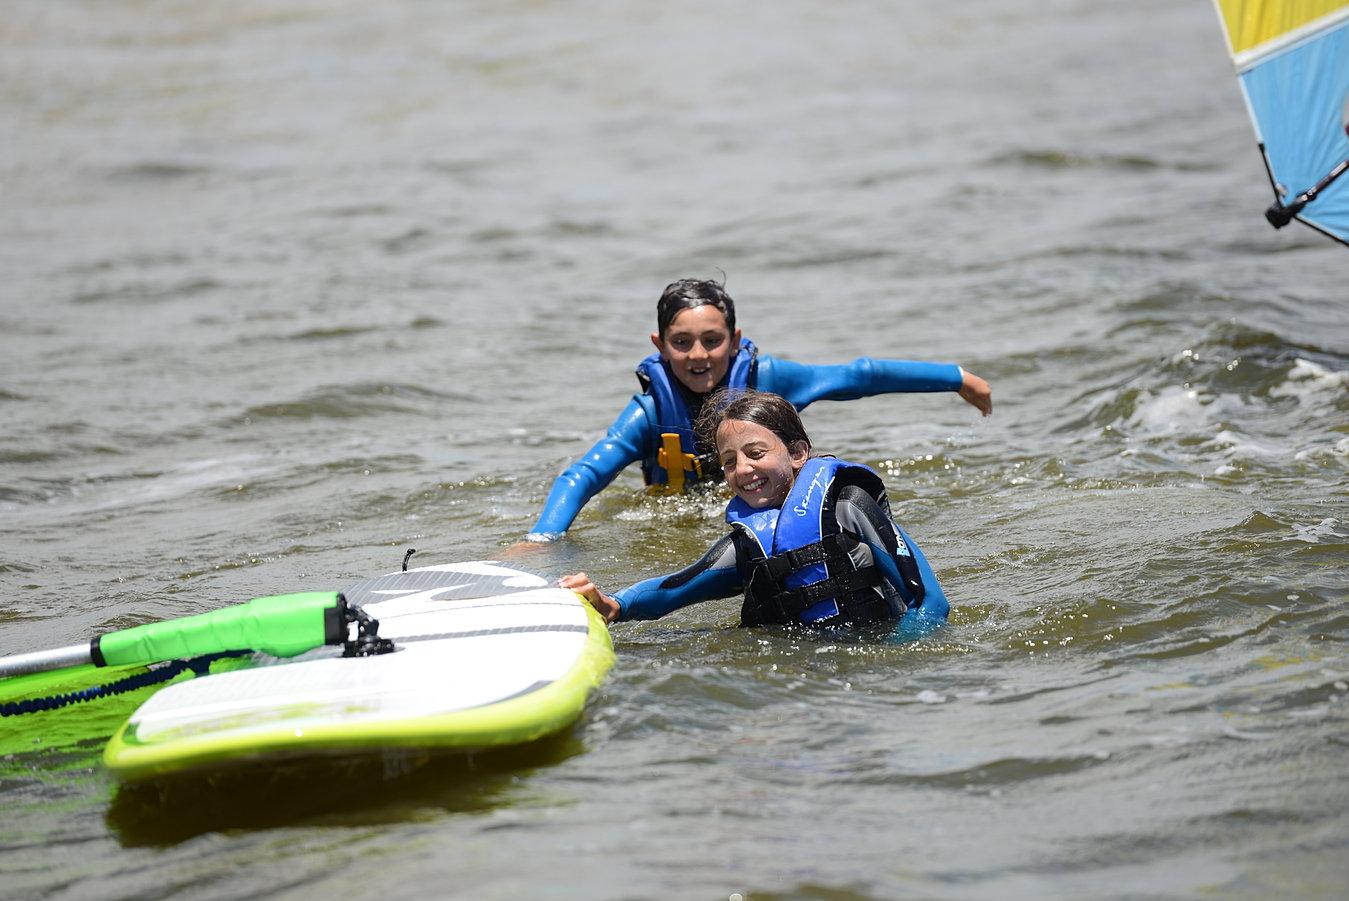 Learning to Windsurf • HST Windsurfing & Kitesurfing School